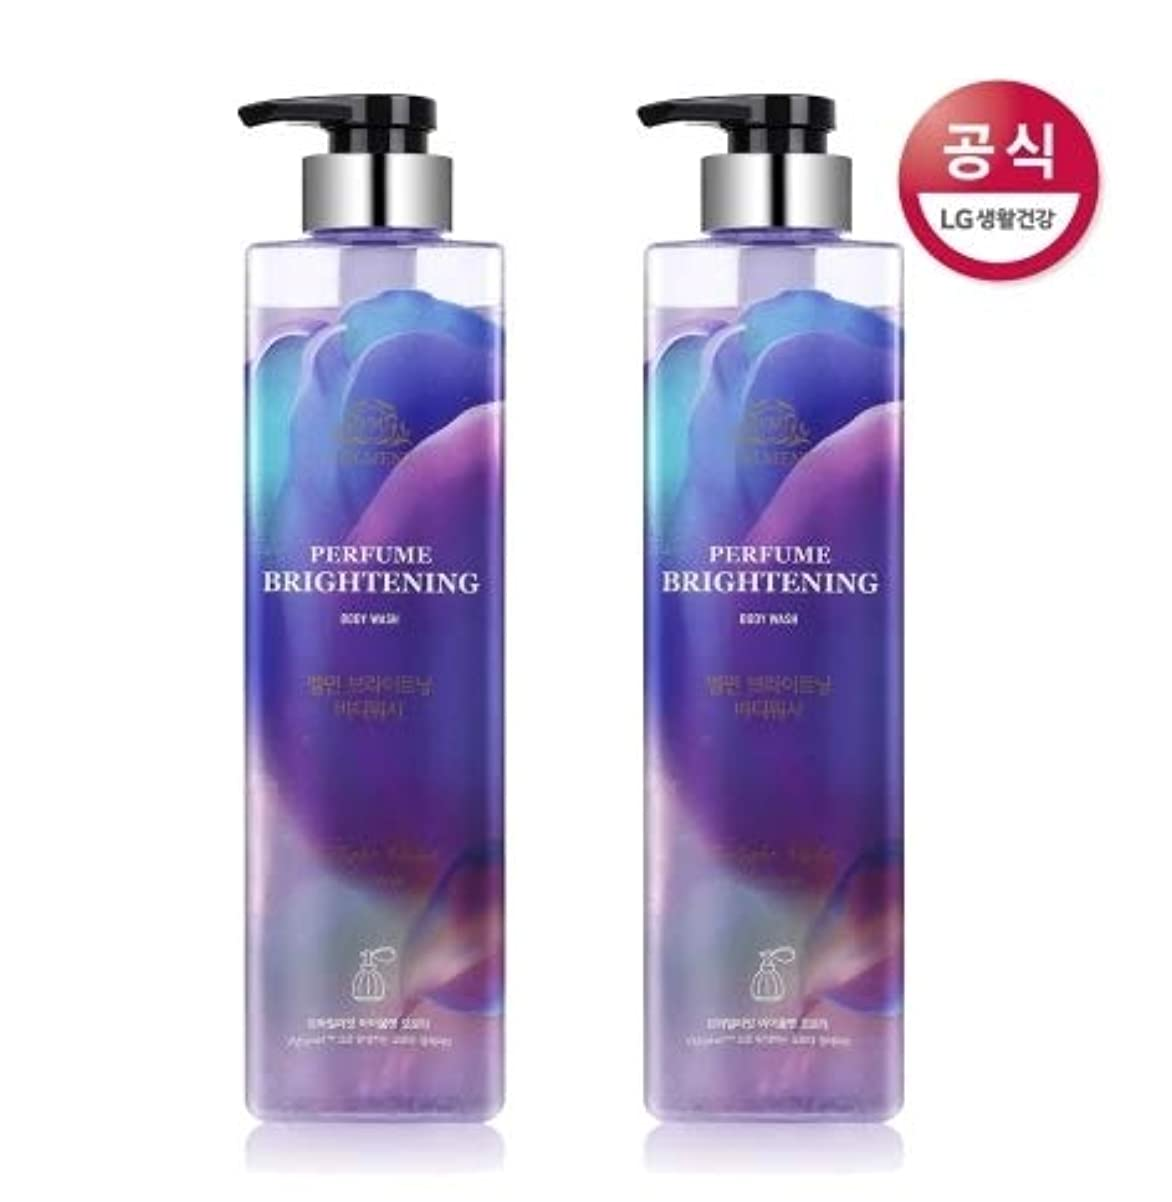 農民ポケットフロント[LG HnB] On the Body Belman Perfume Brightening Body Wash / オンザボディベルモンパフュームブライトニングボディウォッシュ680mlx2個(海外直送品)